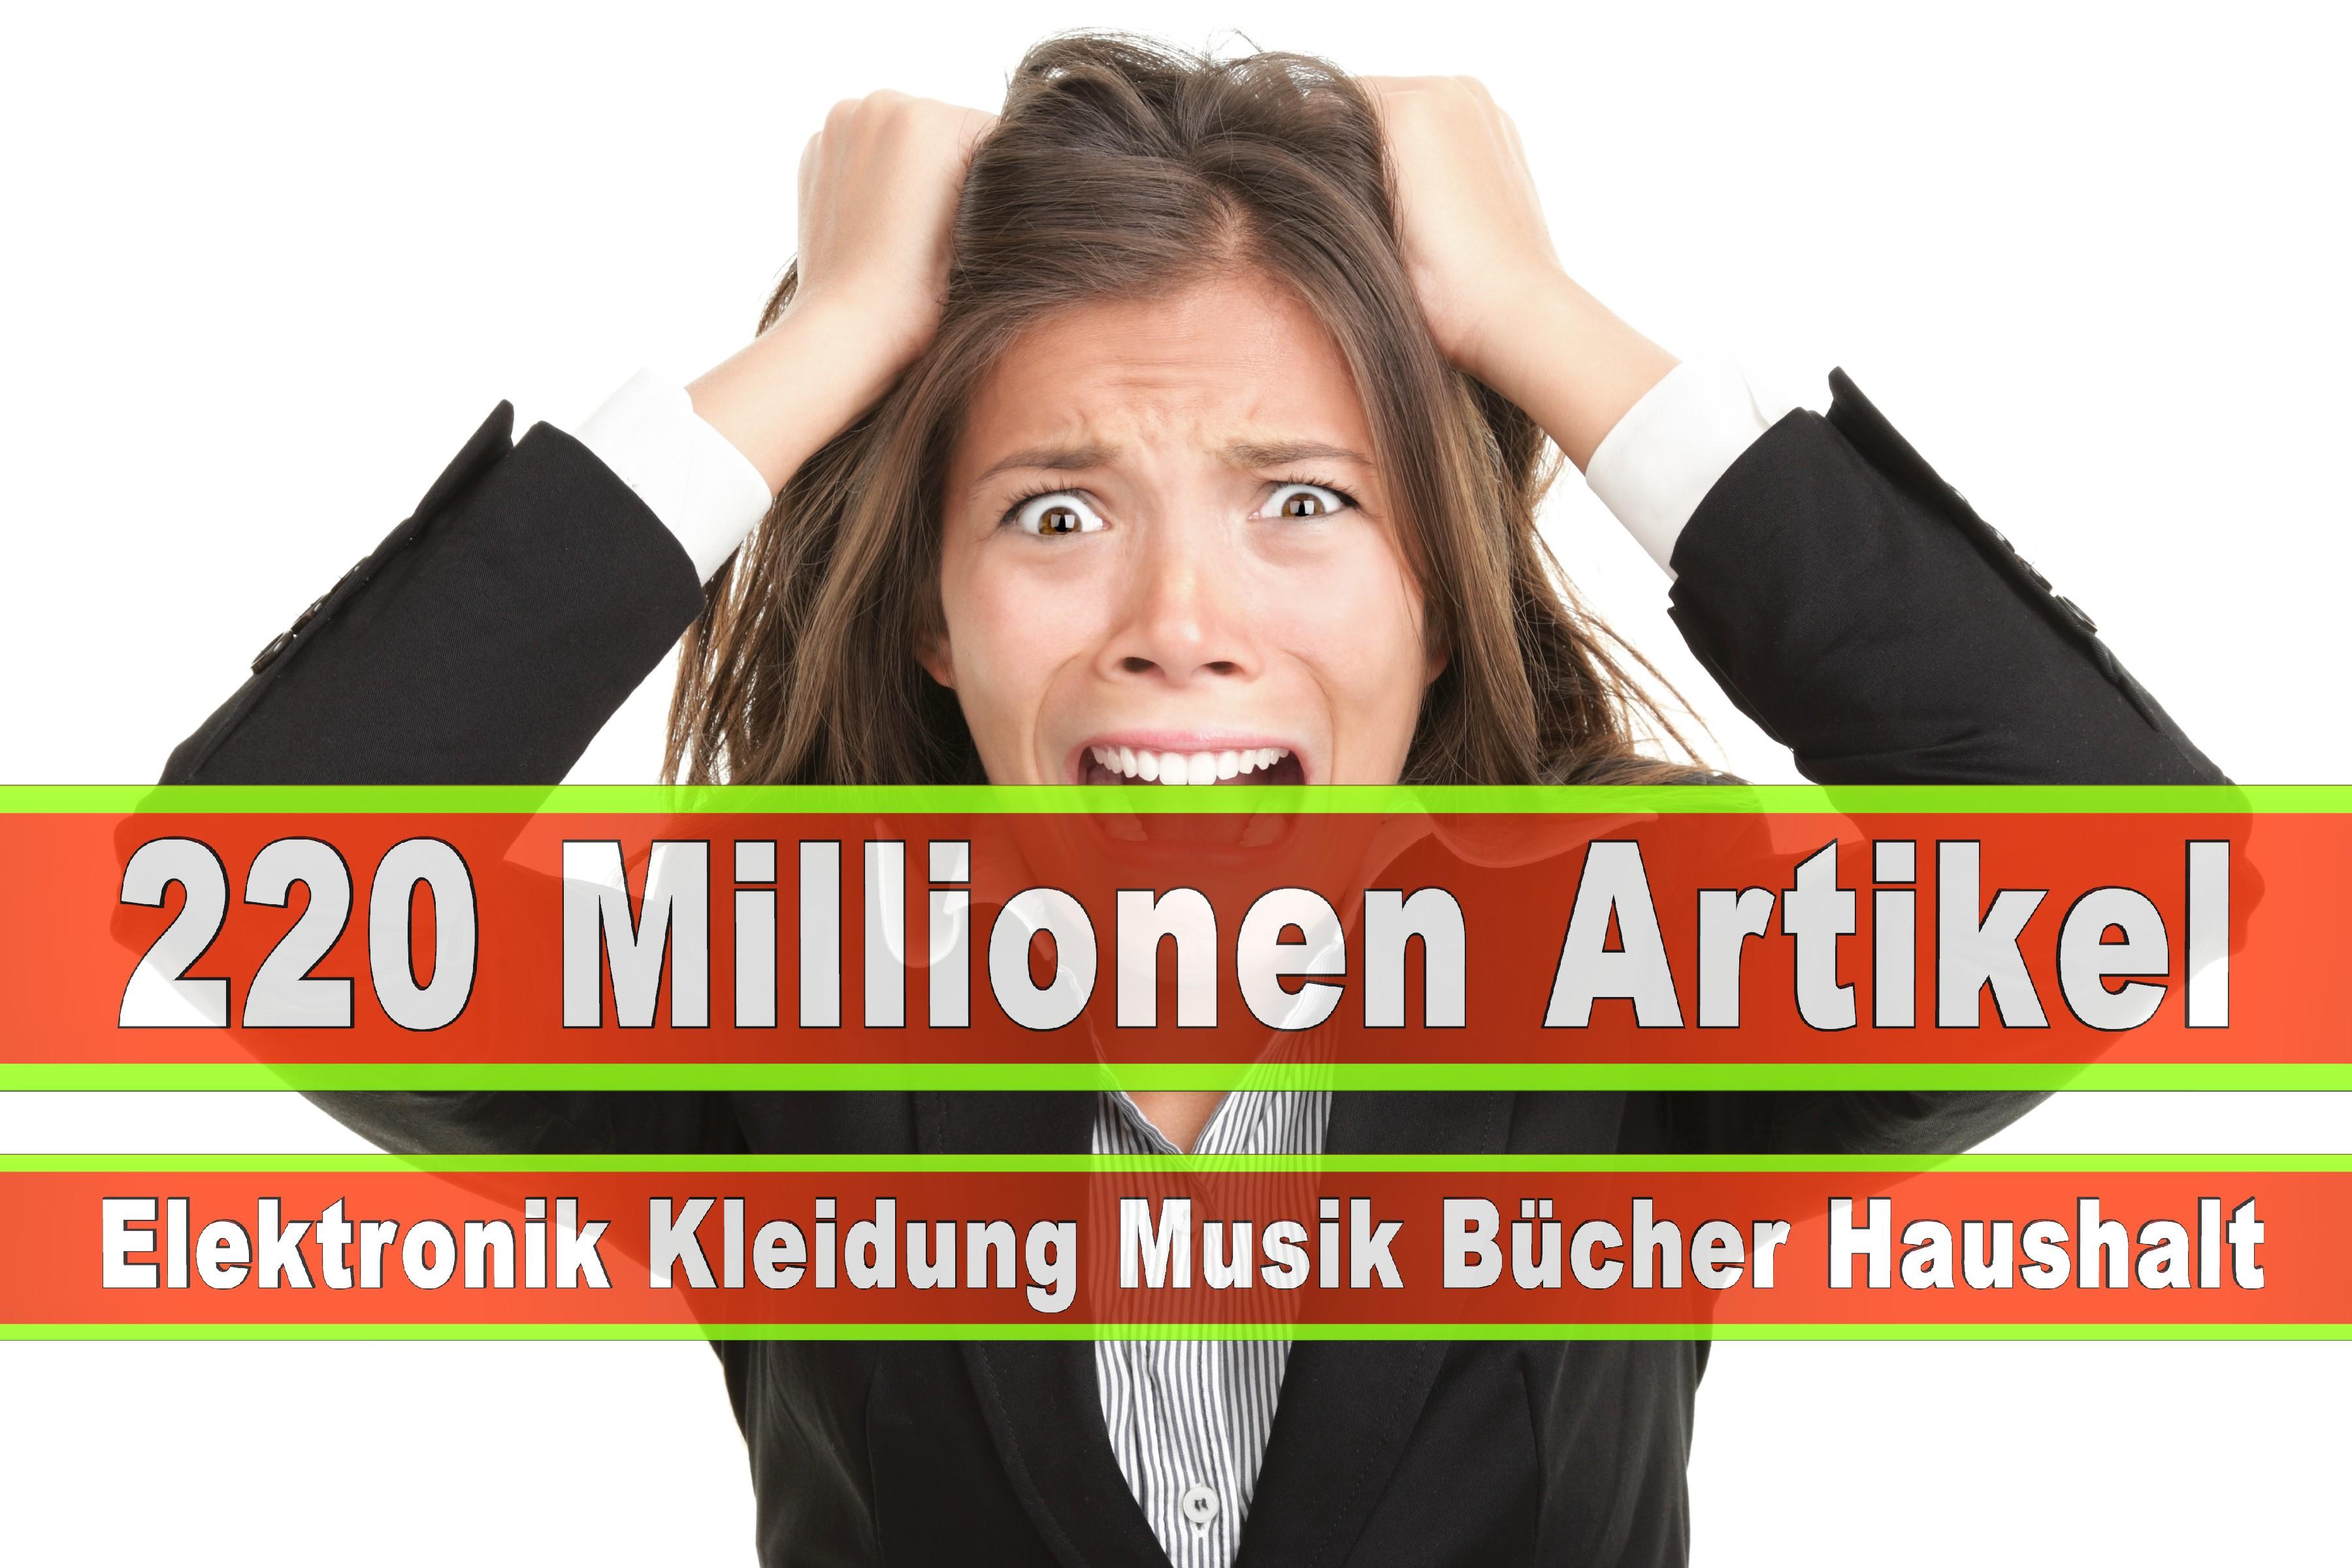 Amazon Elektronik Musik Haushalt Bücher CD DVD Handys Smartphones TV Television Fernseher Kleidung Mode Ebay Versandhaus (75)